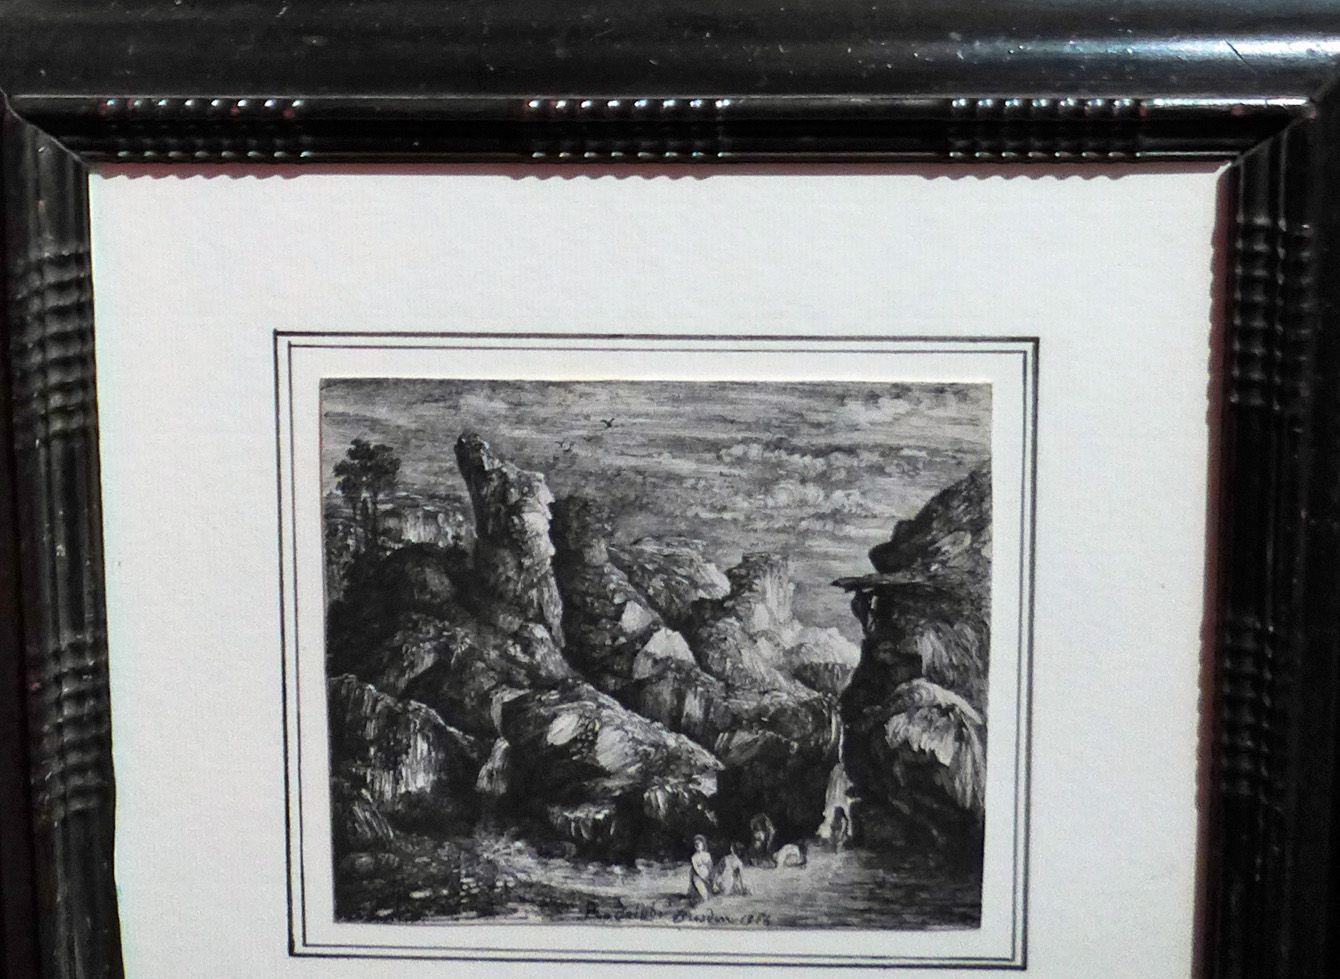 Rodeolphe BRESDIN, Femmes se baignant dans une rivière entourée de falaises rocheuses (plume et encre de Chine sur bristol)